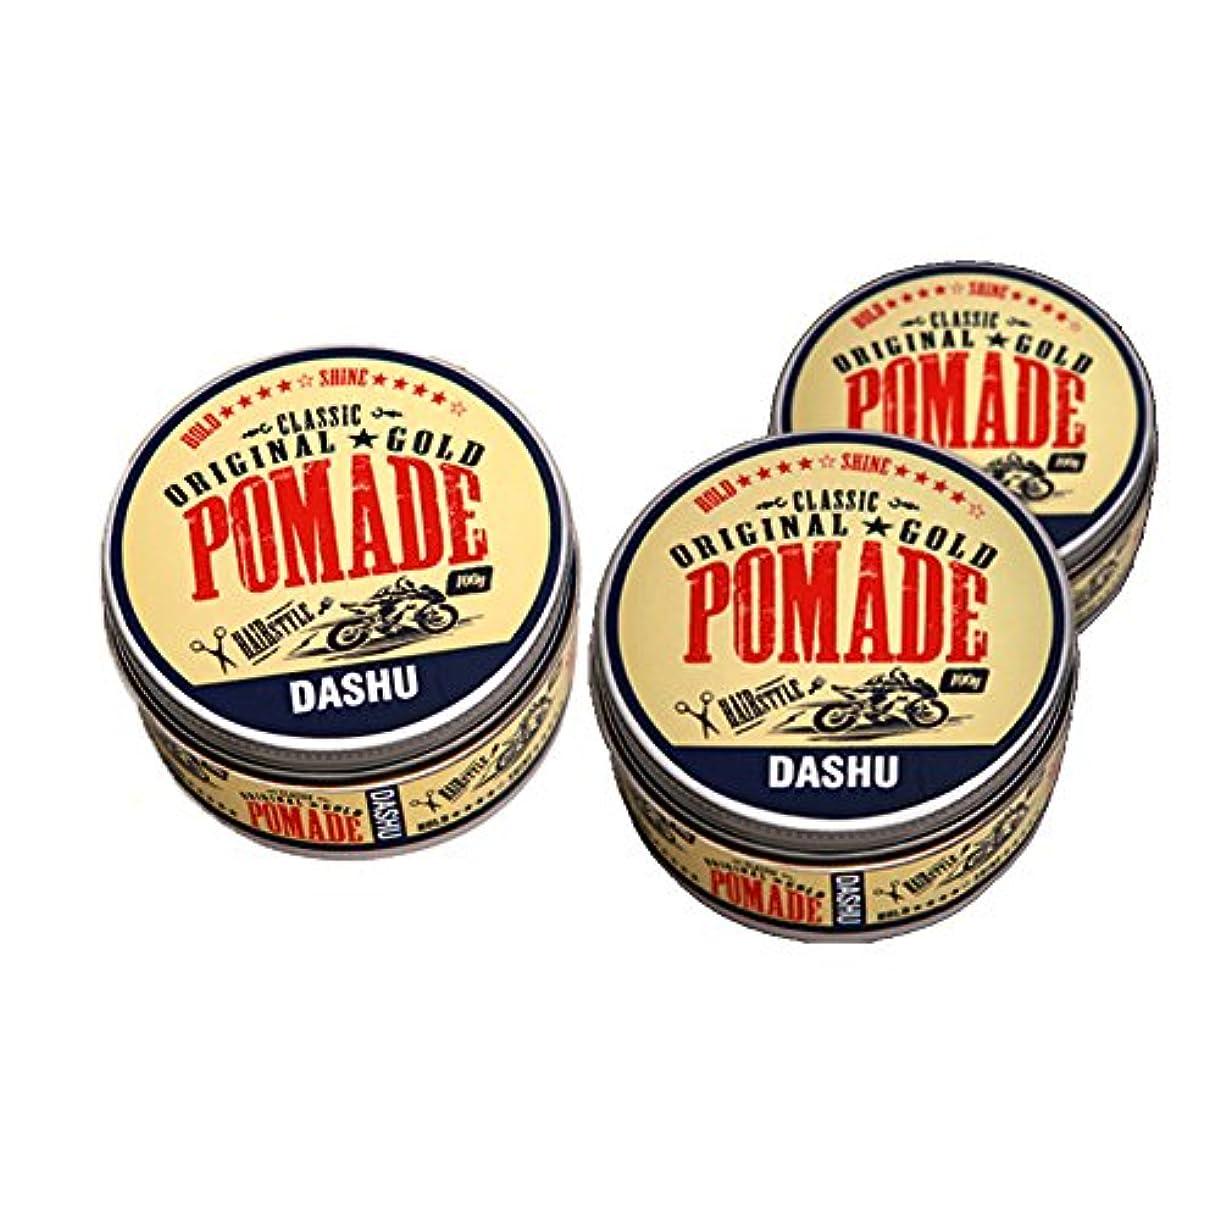 溶けたこれら日付(3個セット) x [DASHU] ダシュ クラシックオリジナルゴールドポマードヘアワックス Classic Original Gold Pomade Hair Wax 100ml / 韓国製 . 韓国直送品